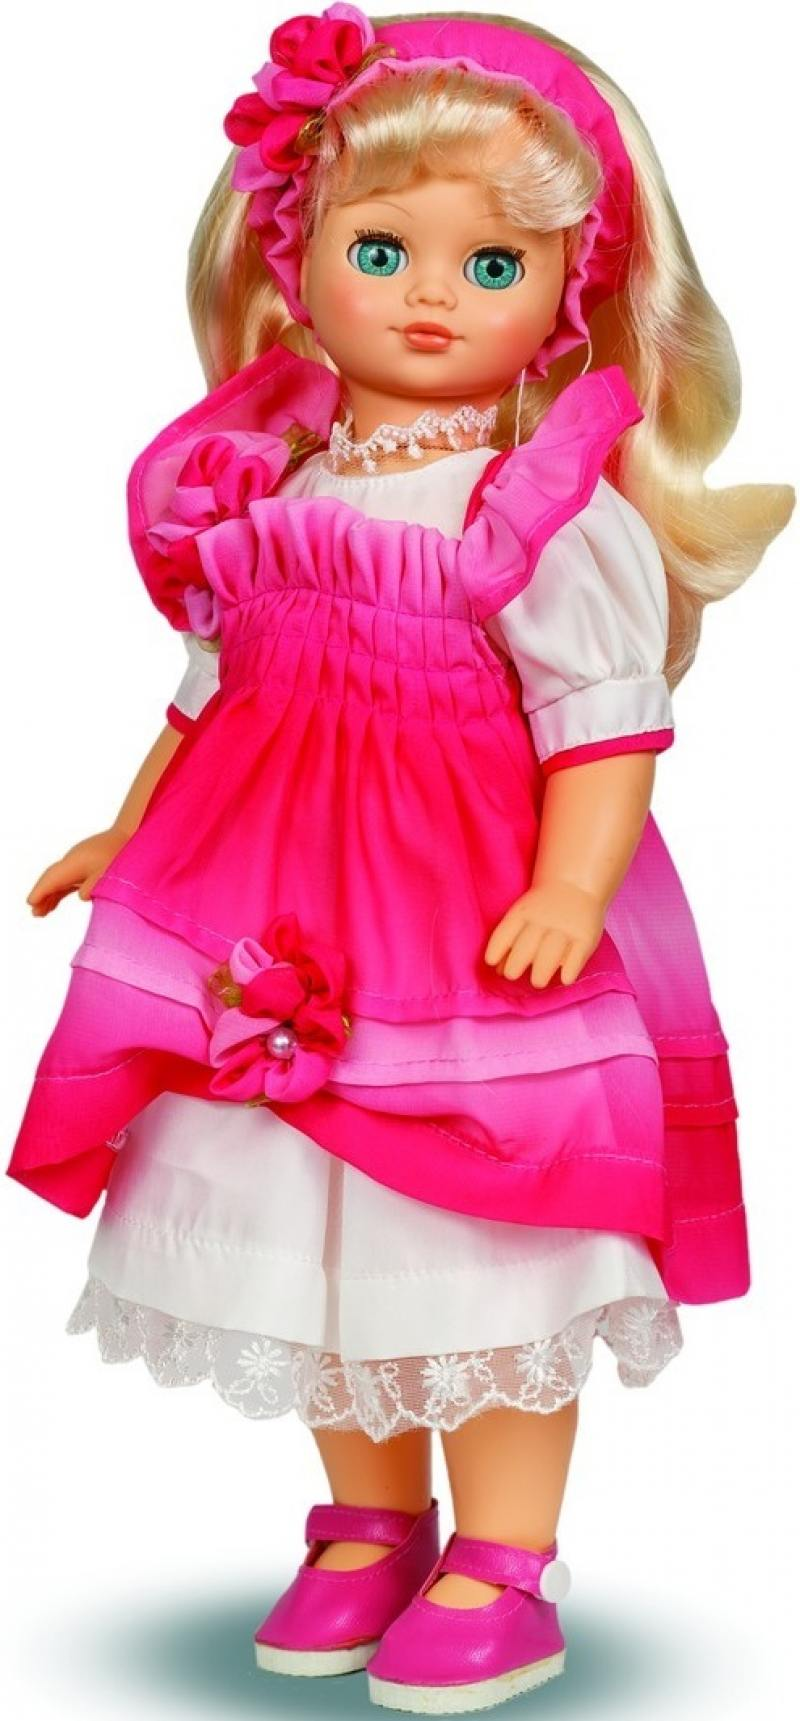 Кукла ВЕСНА Лиза 15 (озвученная) весна кукла алиса 11 озвученная